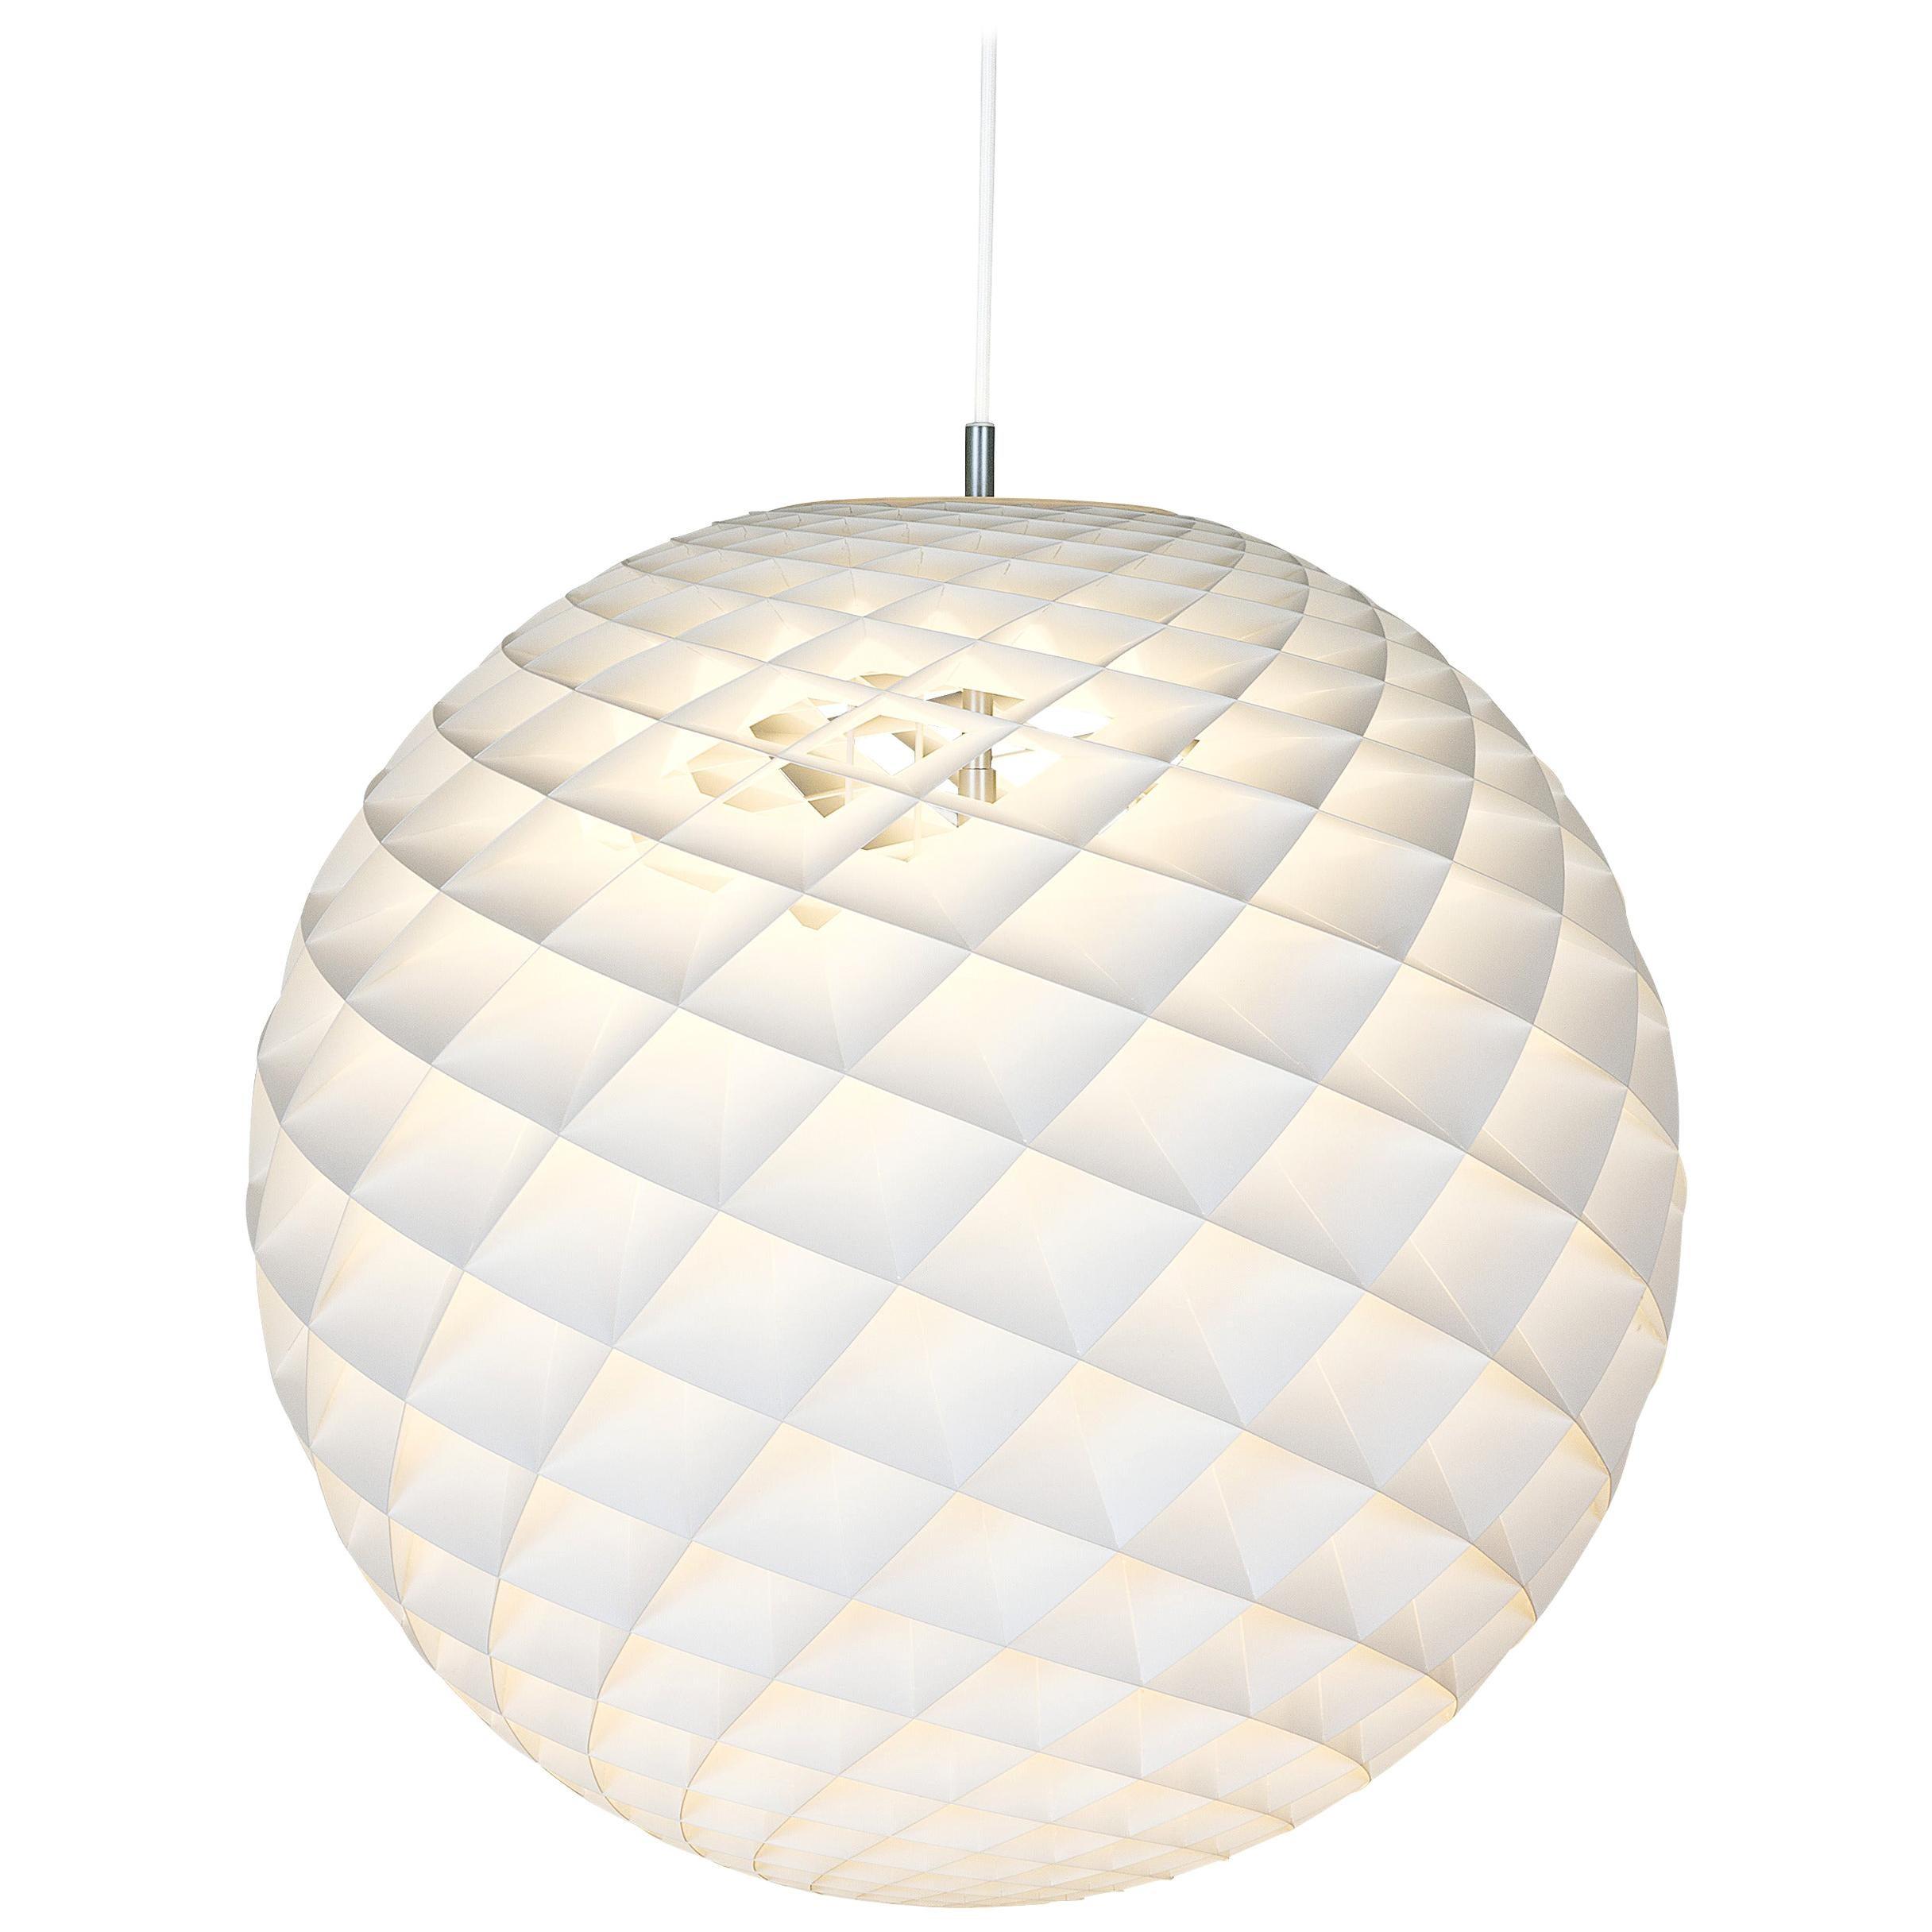 Louis Poulsen Large Patera Pendant Light by Øivind Slaatto